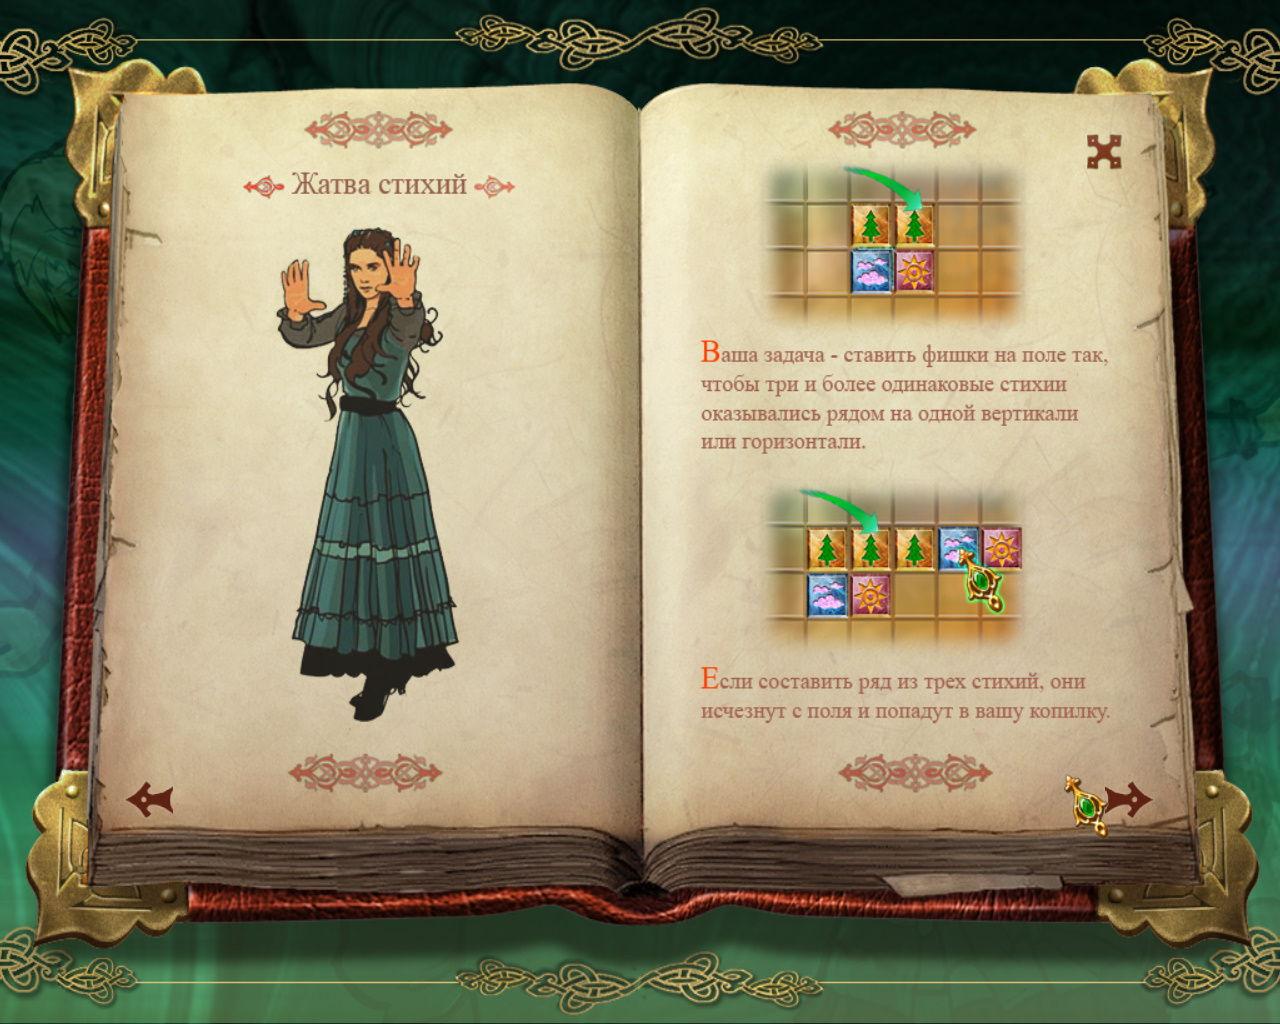 Книга мастеров - Мини-игра Жатва стихий